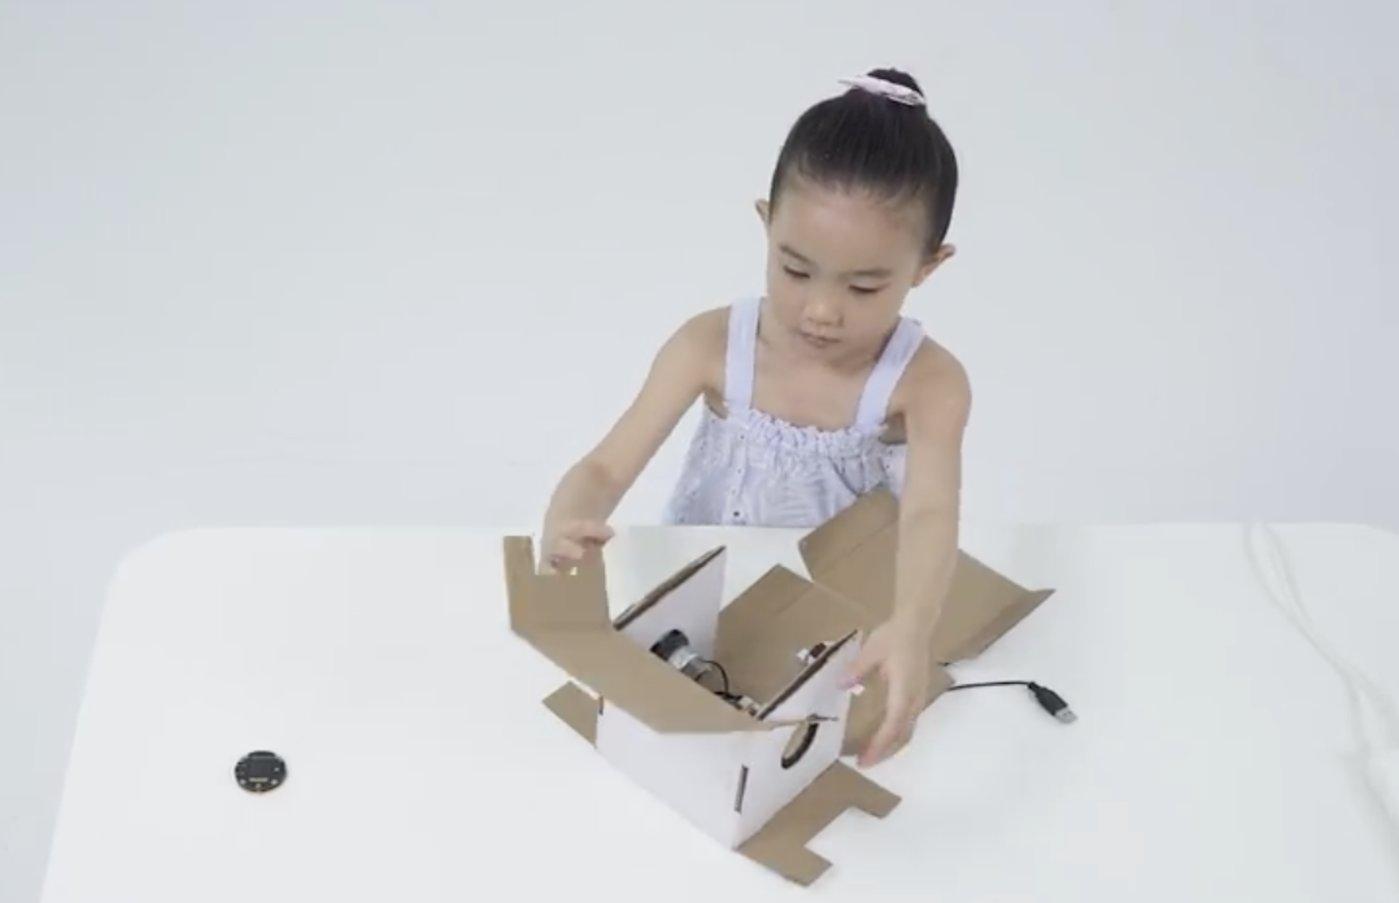 一位五岁的小女孩把Rokid KAMINO18与扬声器、电路元件简单组装后,即可制作出一个带有智能语音交互功能的AI 音箱。